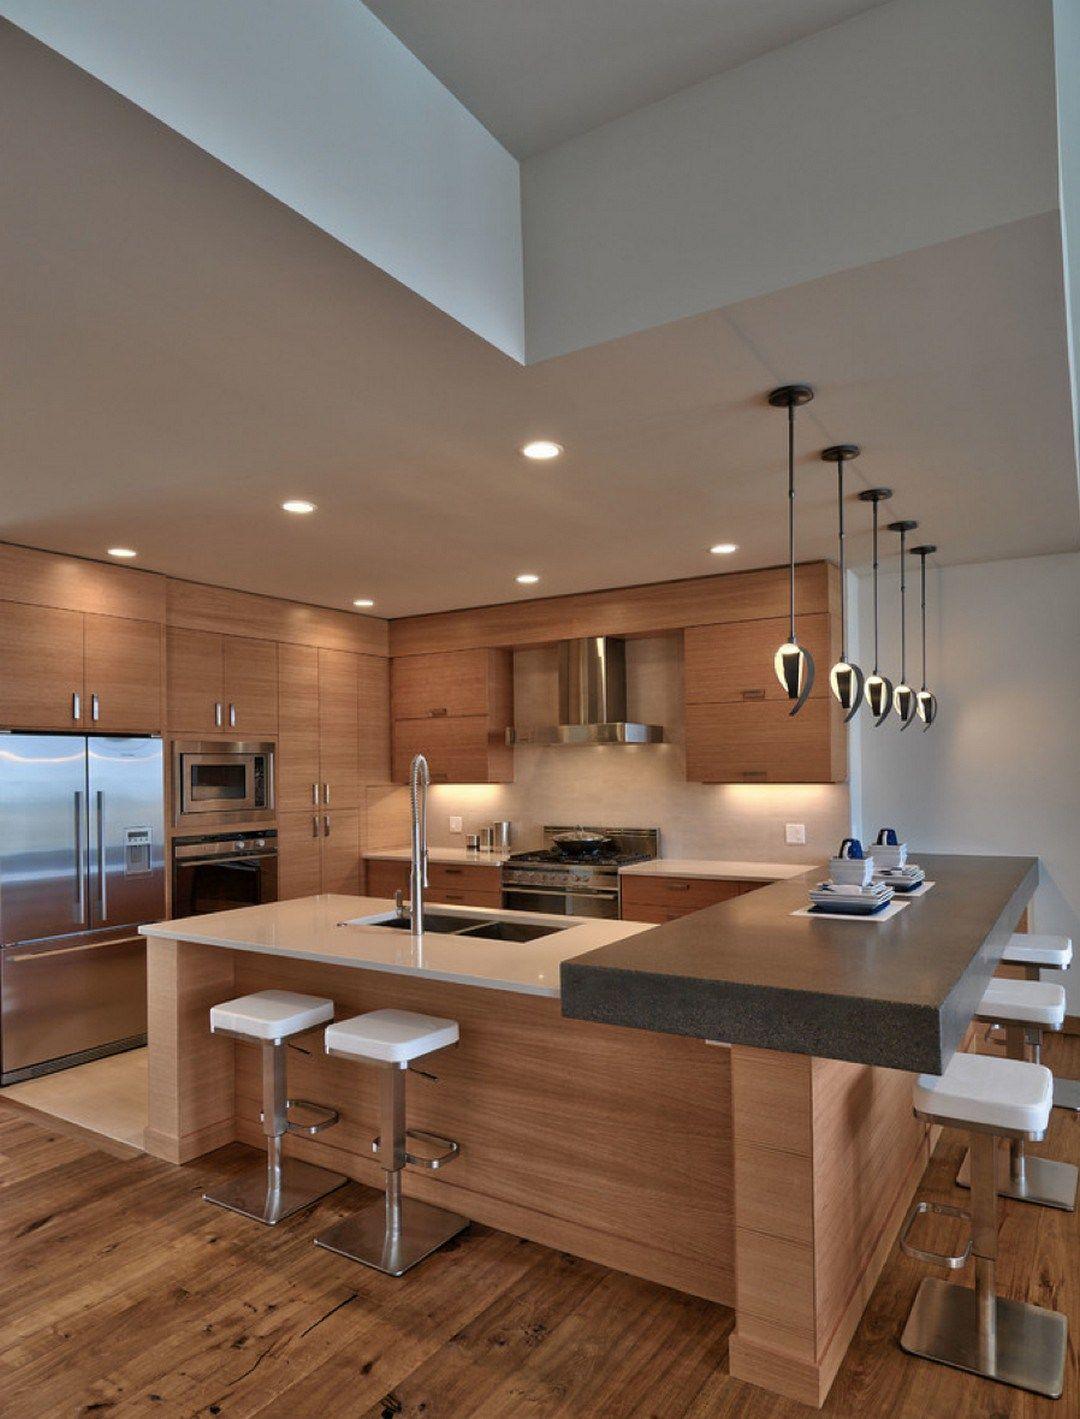 41 Elegant L Shaped Kitchen Design Ideas 13 Kitchen Design Open Best Kitchen Designs Kitchen Sink Decor